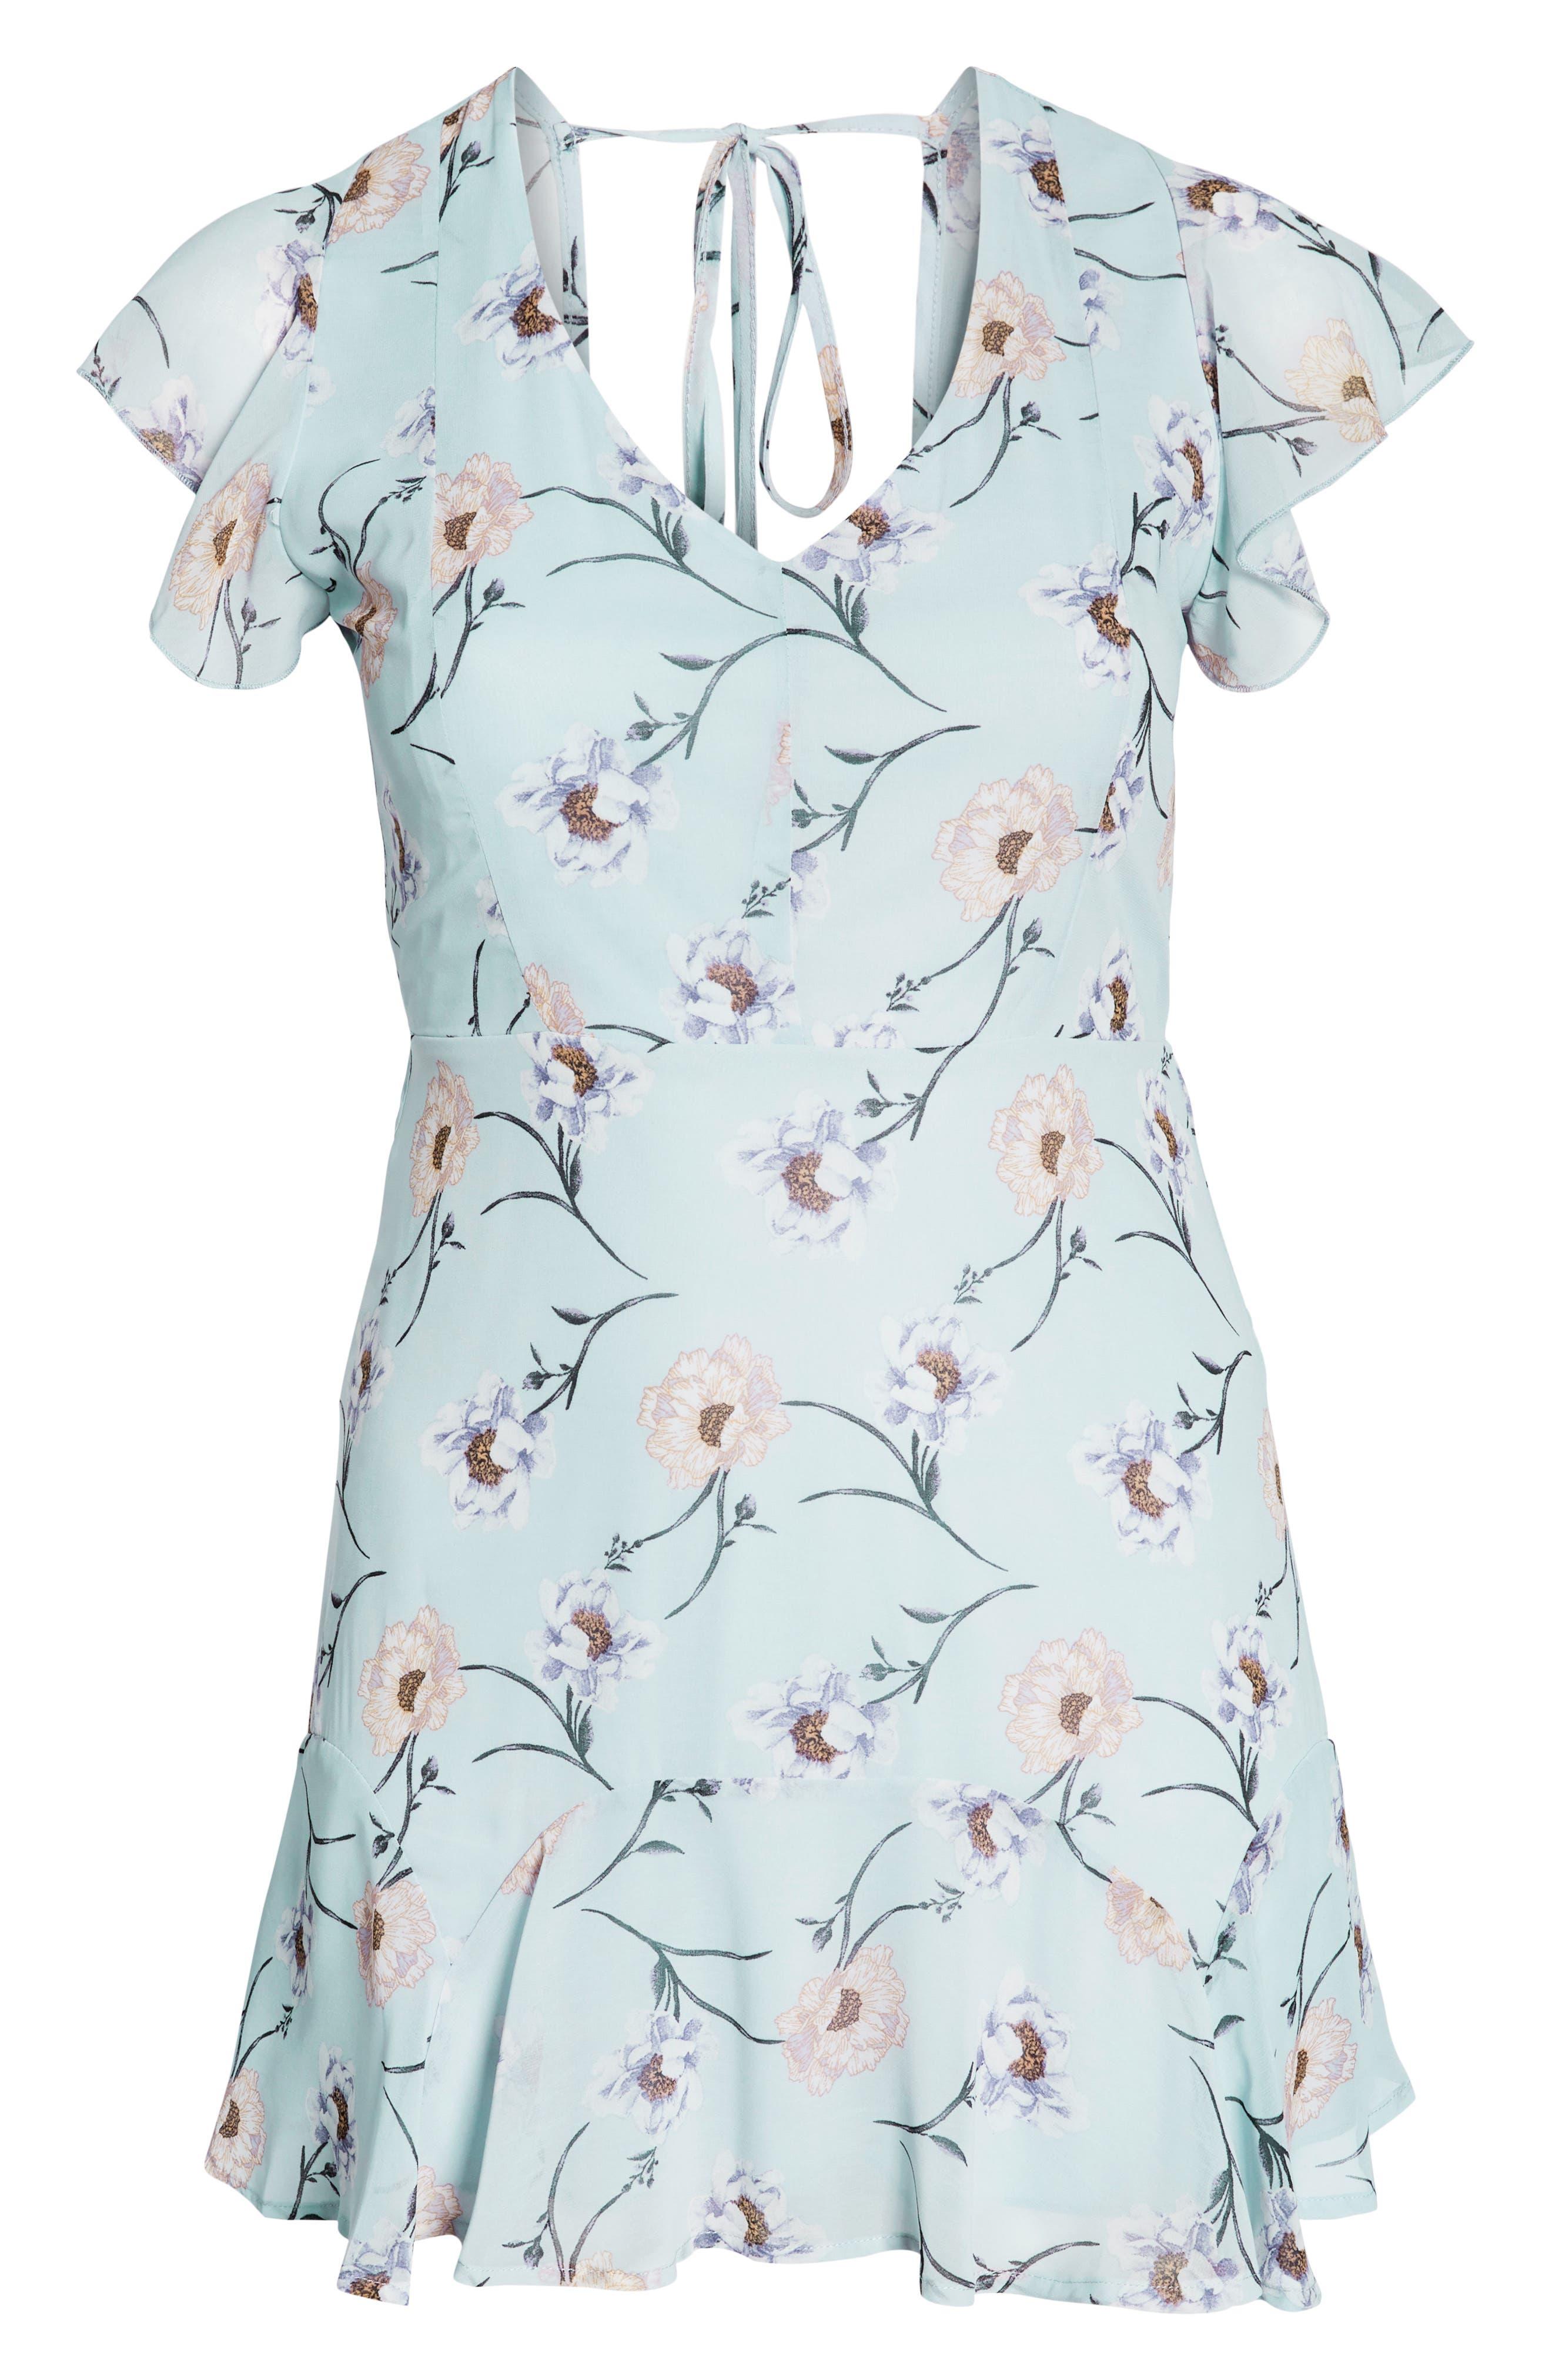 Flutter Sleeve Minidress,                             Alternate thumbnail 13, color,                             400